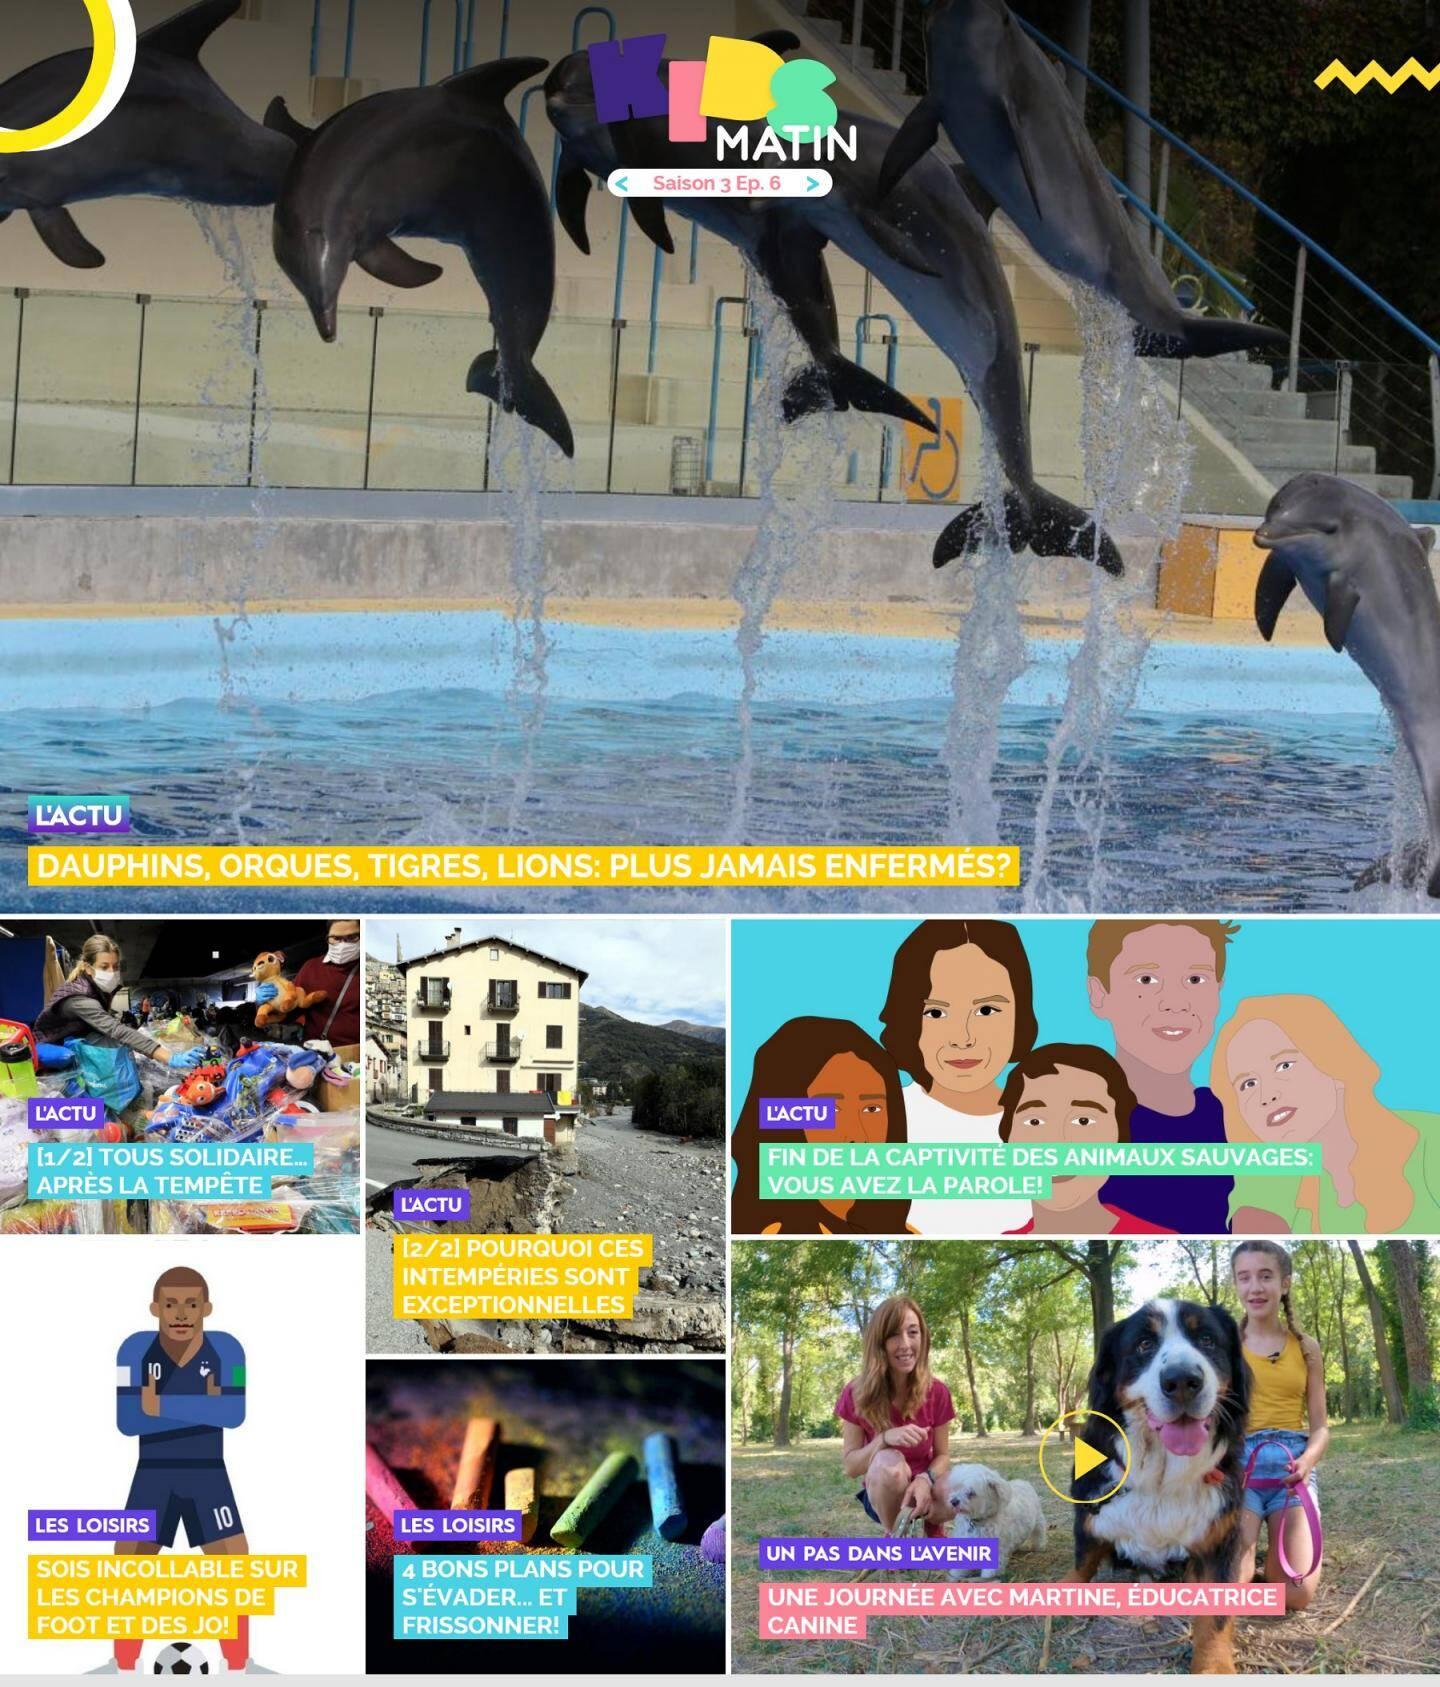 La page d'accueil de Kidsmatin.com ce mercredi 7 octobre 2020.